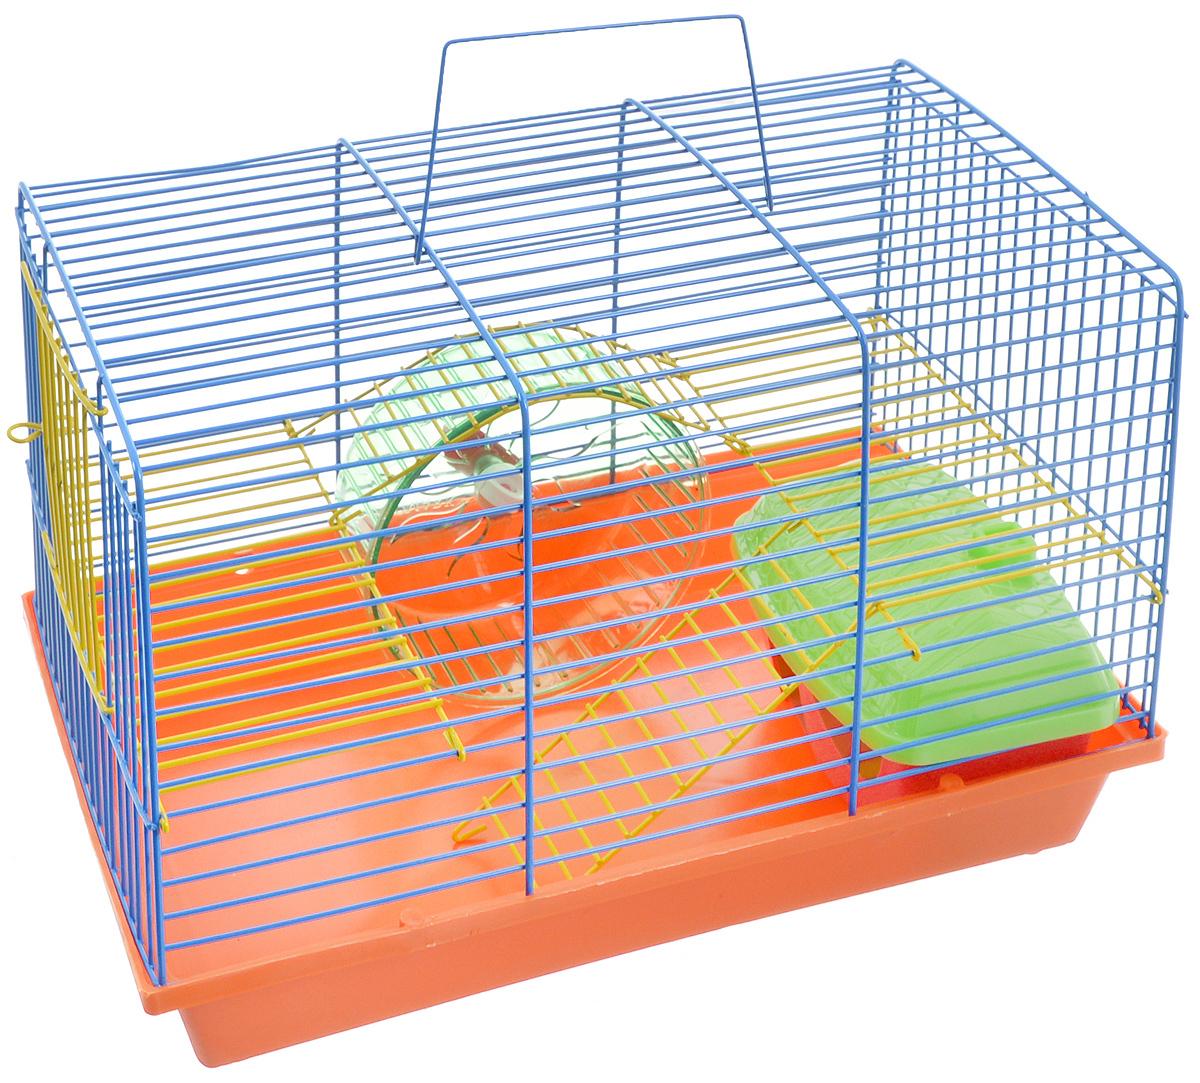 Клетка для грызунов Зоомарк Венеция, 36 х 23 х 24 см.145кКлетка Зоомарк Венеция, выполненная из полипропилена и металла, подходит для грызунов. Она оборудована колесом для подвижных игр и домиком. Клетка имеет яркий поддон, удобна в использовании и легко чистится. Такая клетка станет уединенным личным пространством и уютным домиком для маленького грызуна.